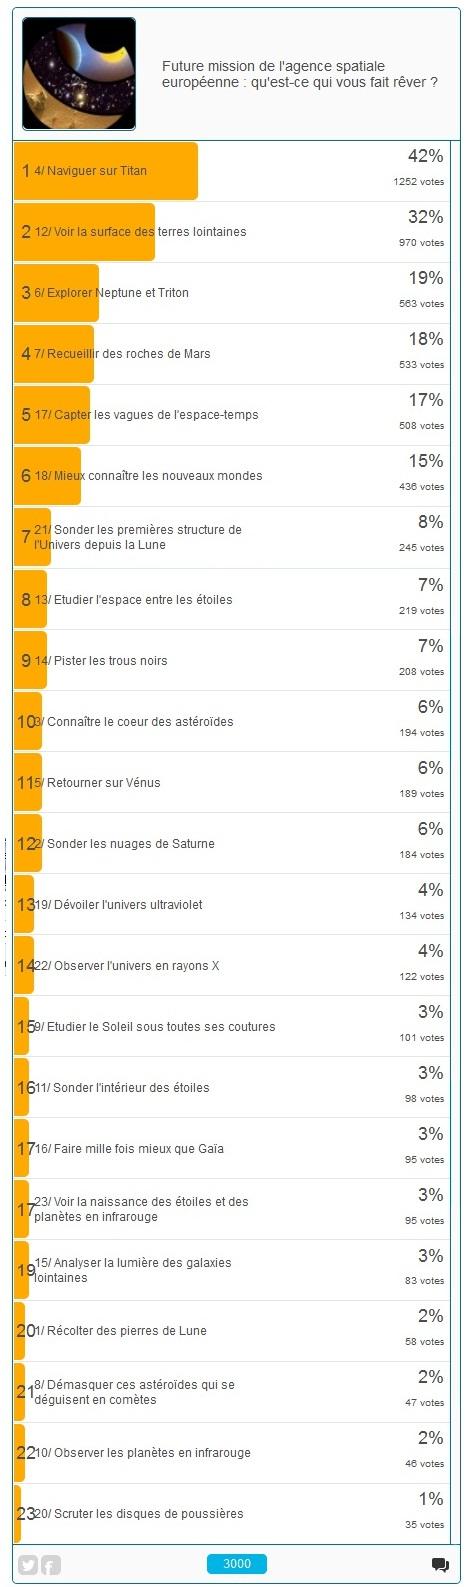 Résultat du vote sur les missions L2 et L3 de l'ESA